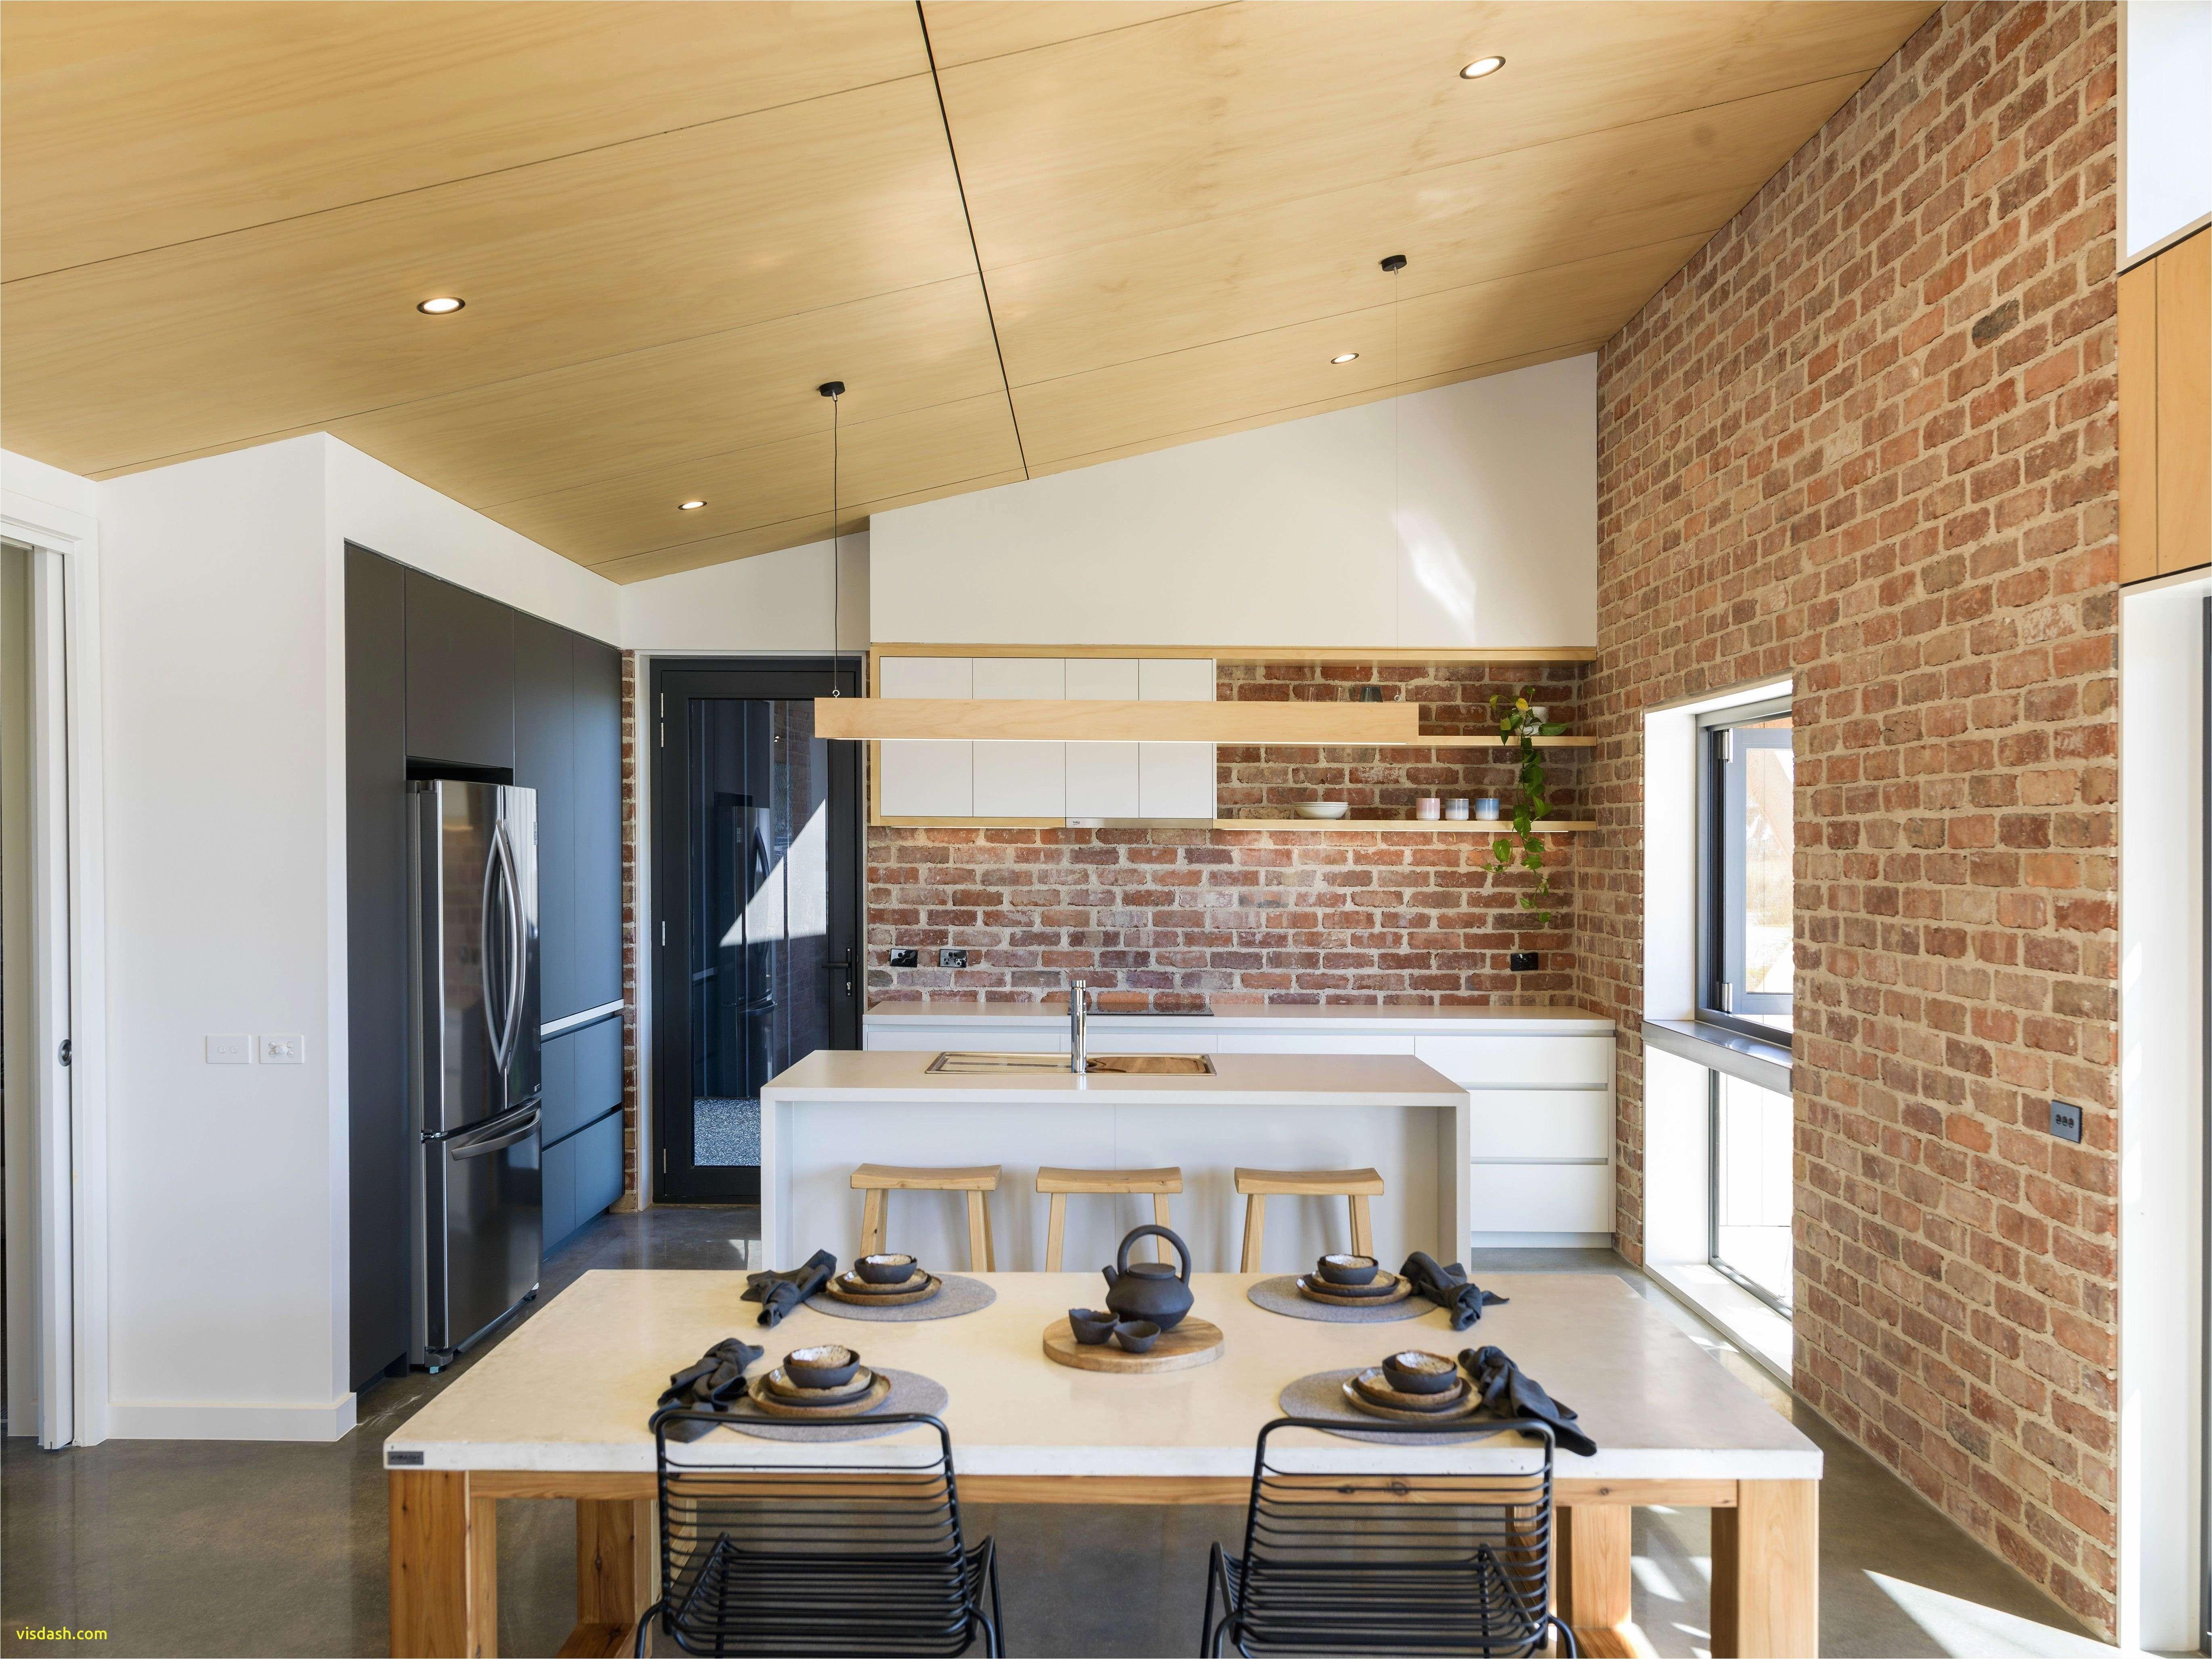 Kitchen Decor Ideas Best Kitchen Decor Items New Kitchen Zeev Kitchen Zeev Kitchen 0d Design